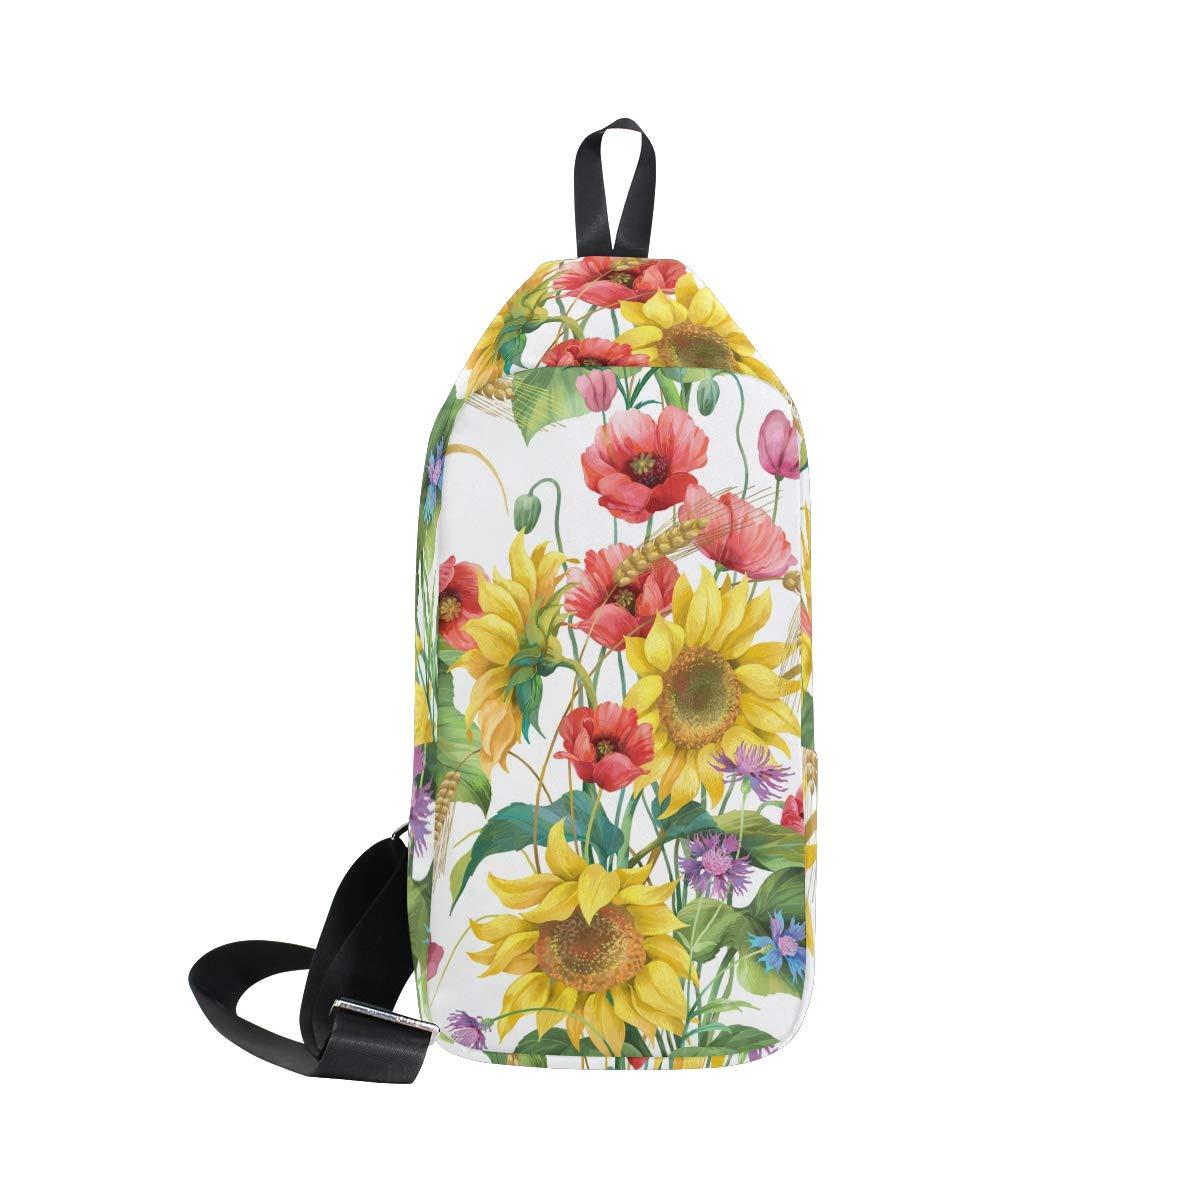 TFONE Flower Floral Sunflower Crossbody Bag Lightweight Chest Shoulder Messenger Pack Backpack Sling Bag